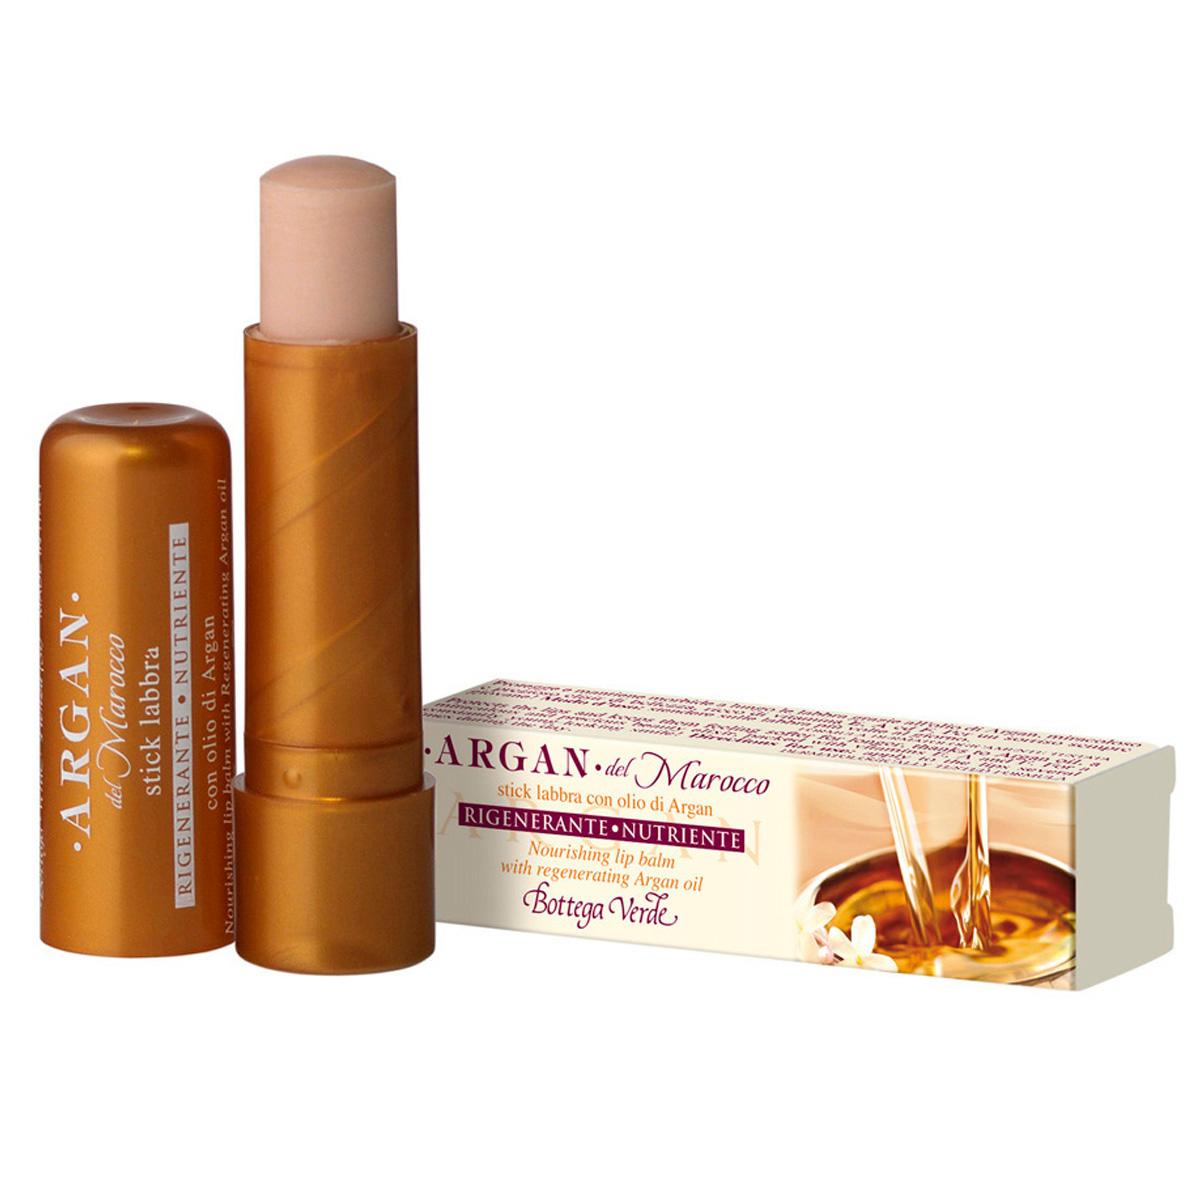 Balsam de buze cu ulei de argan, nude - Argan del Marocco, 5 ML